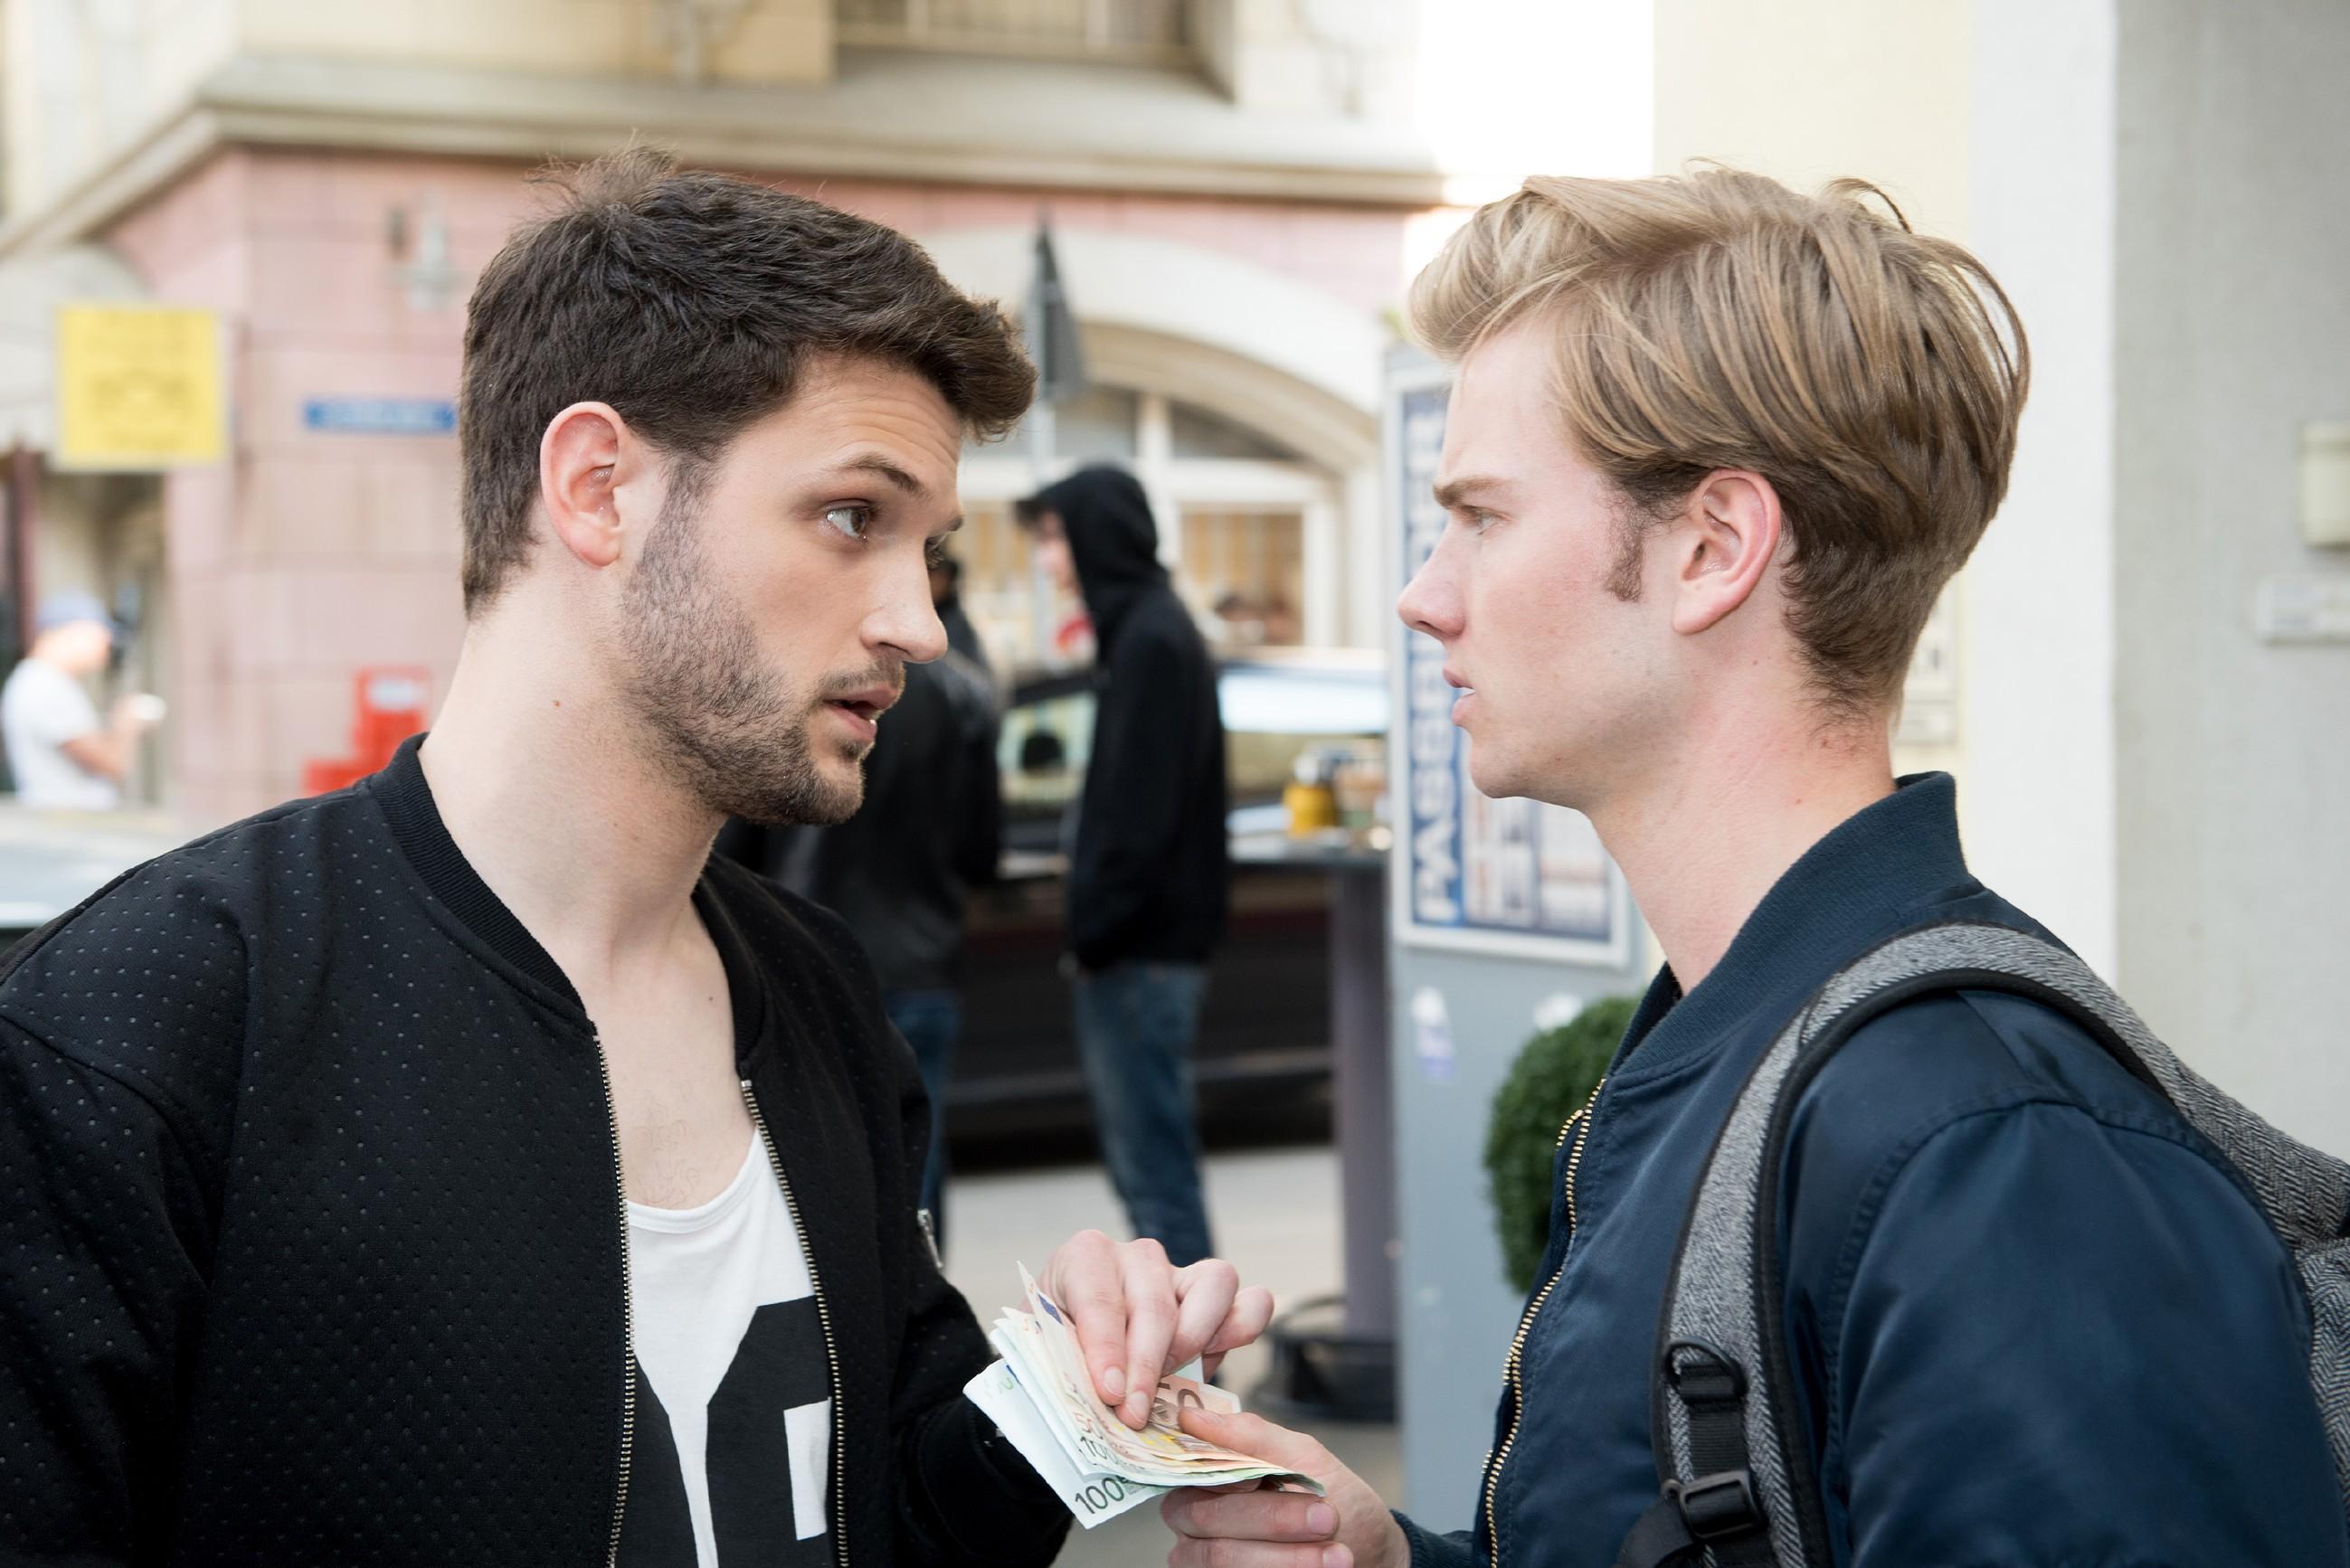 Valentin (Aaron Koszuta, r.) wird von Mario (Arne Rudolf) unter Androhung von Gewalt gezwungen, ihm sein Geld auszuhändigen. (Quelle: RTL / Stefan Behrens)